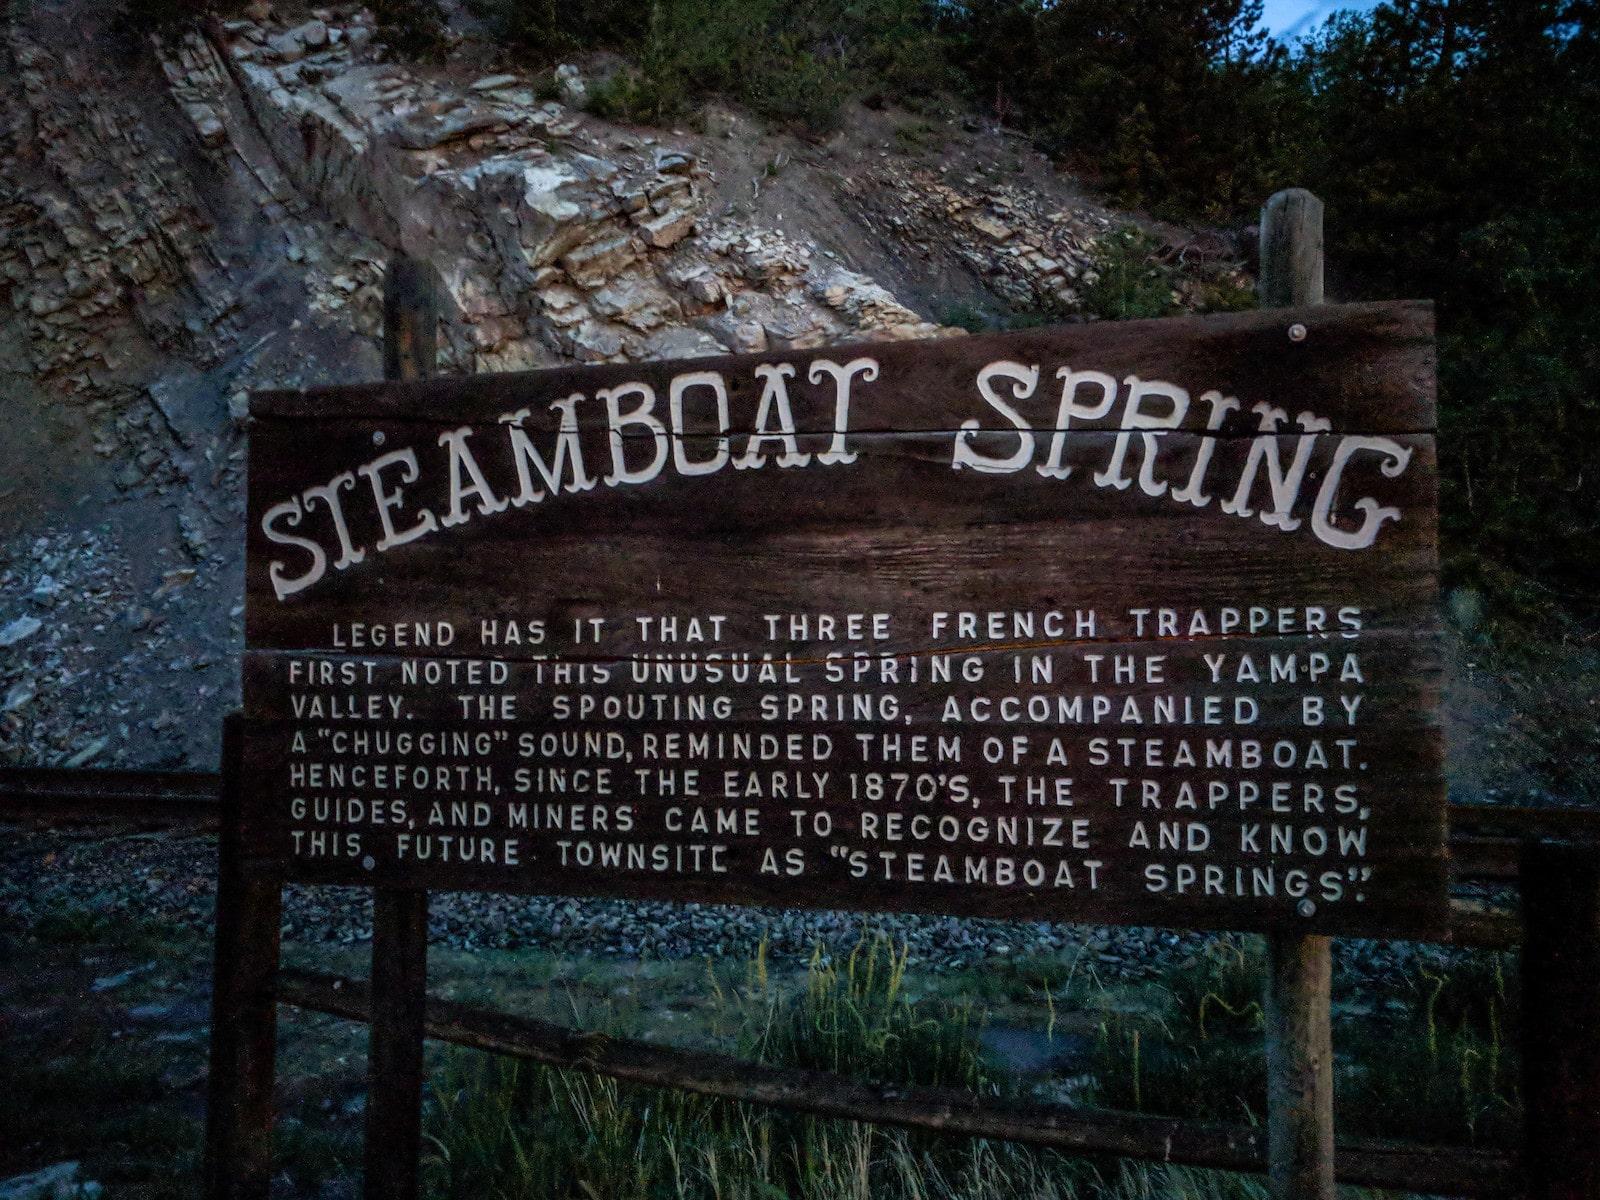 Gambar tanda Steamboat Spring di Colorado